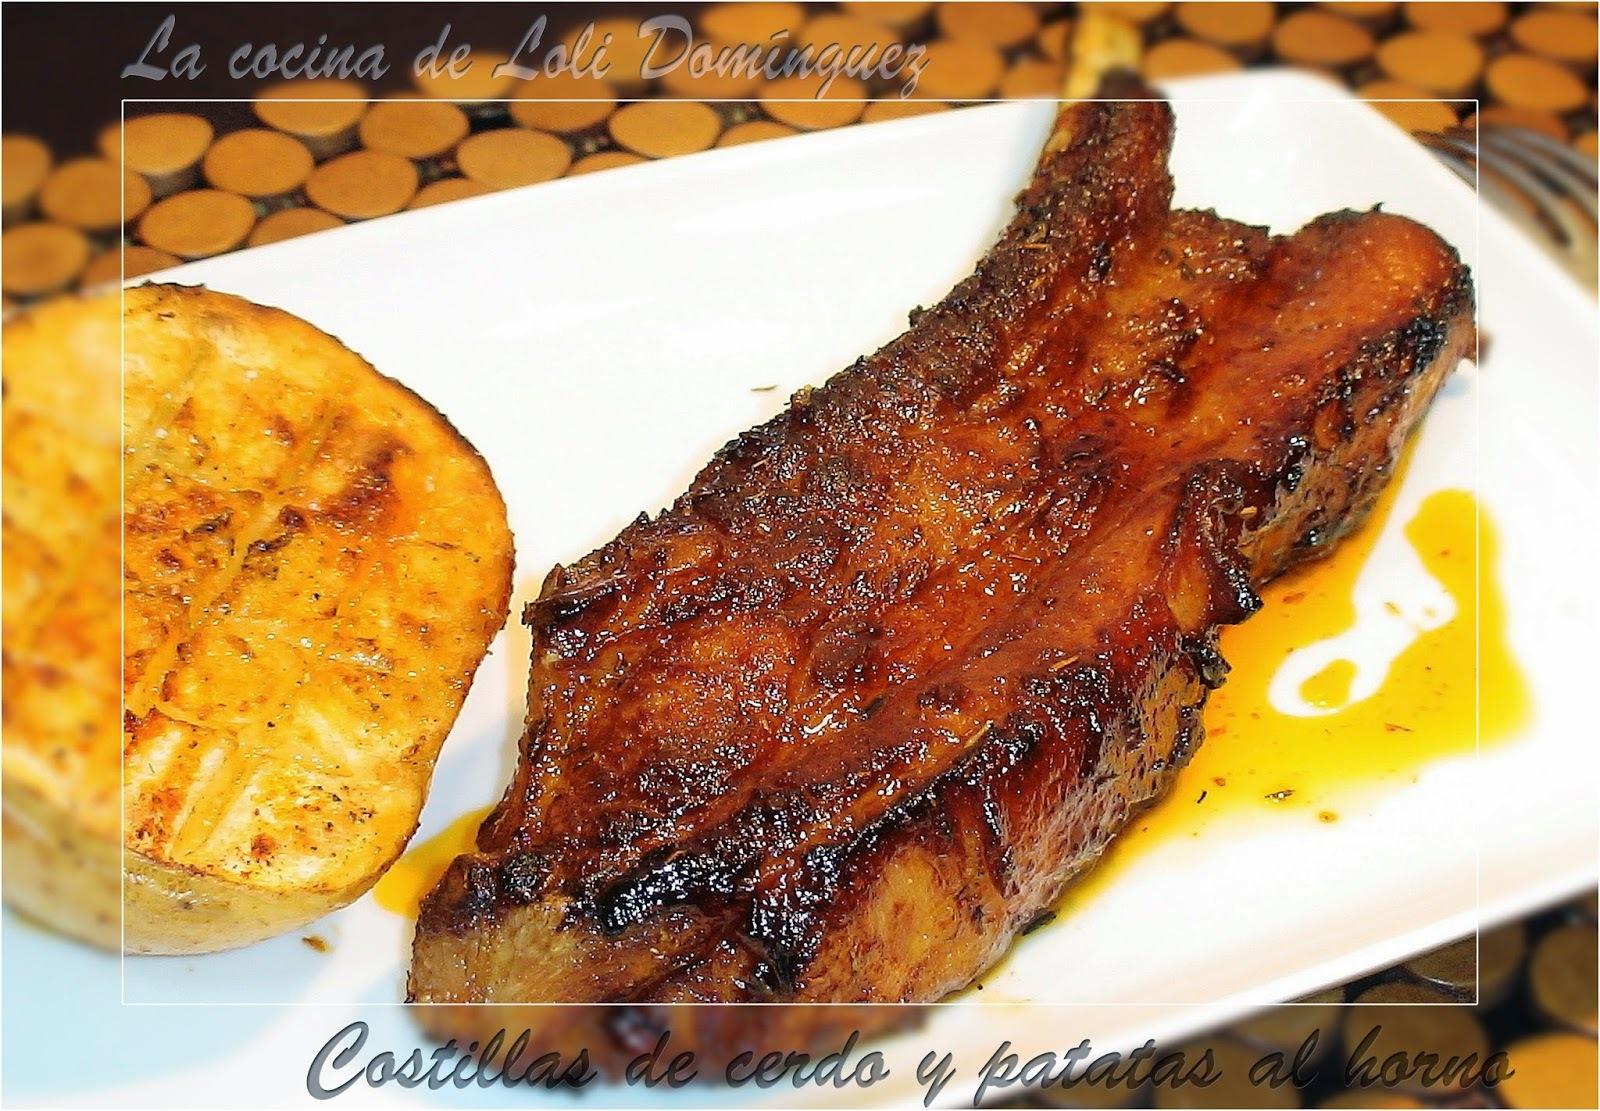 Costillas de cerdo y patatas al horno